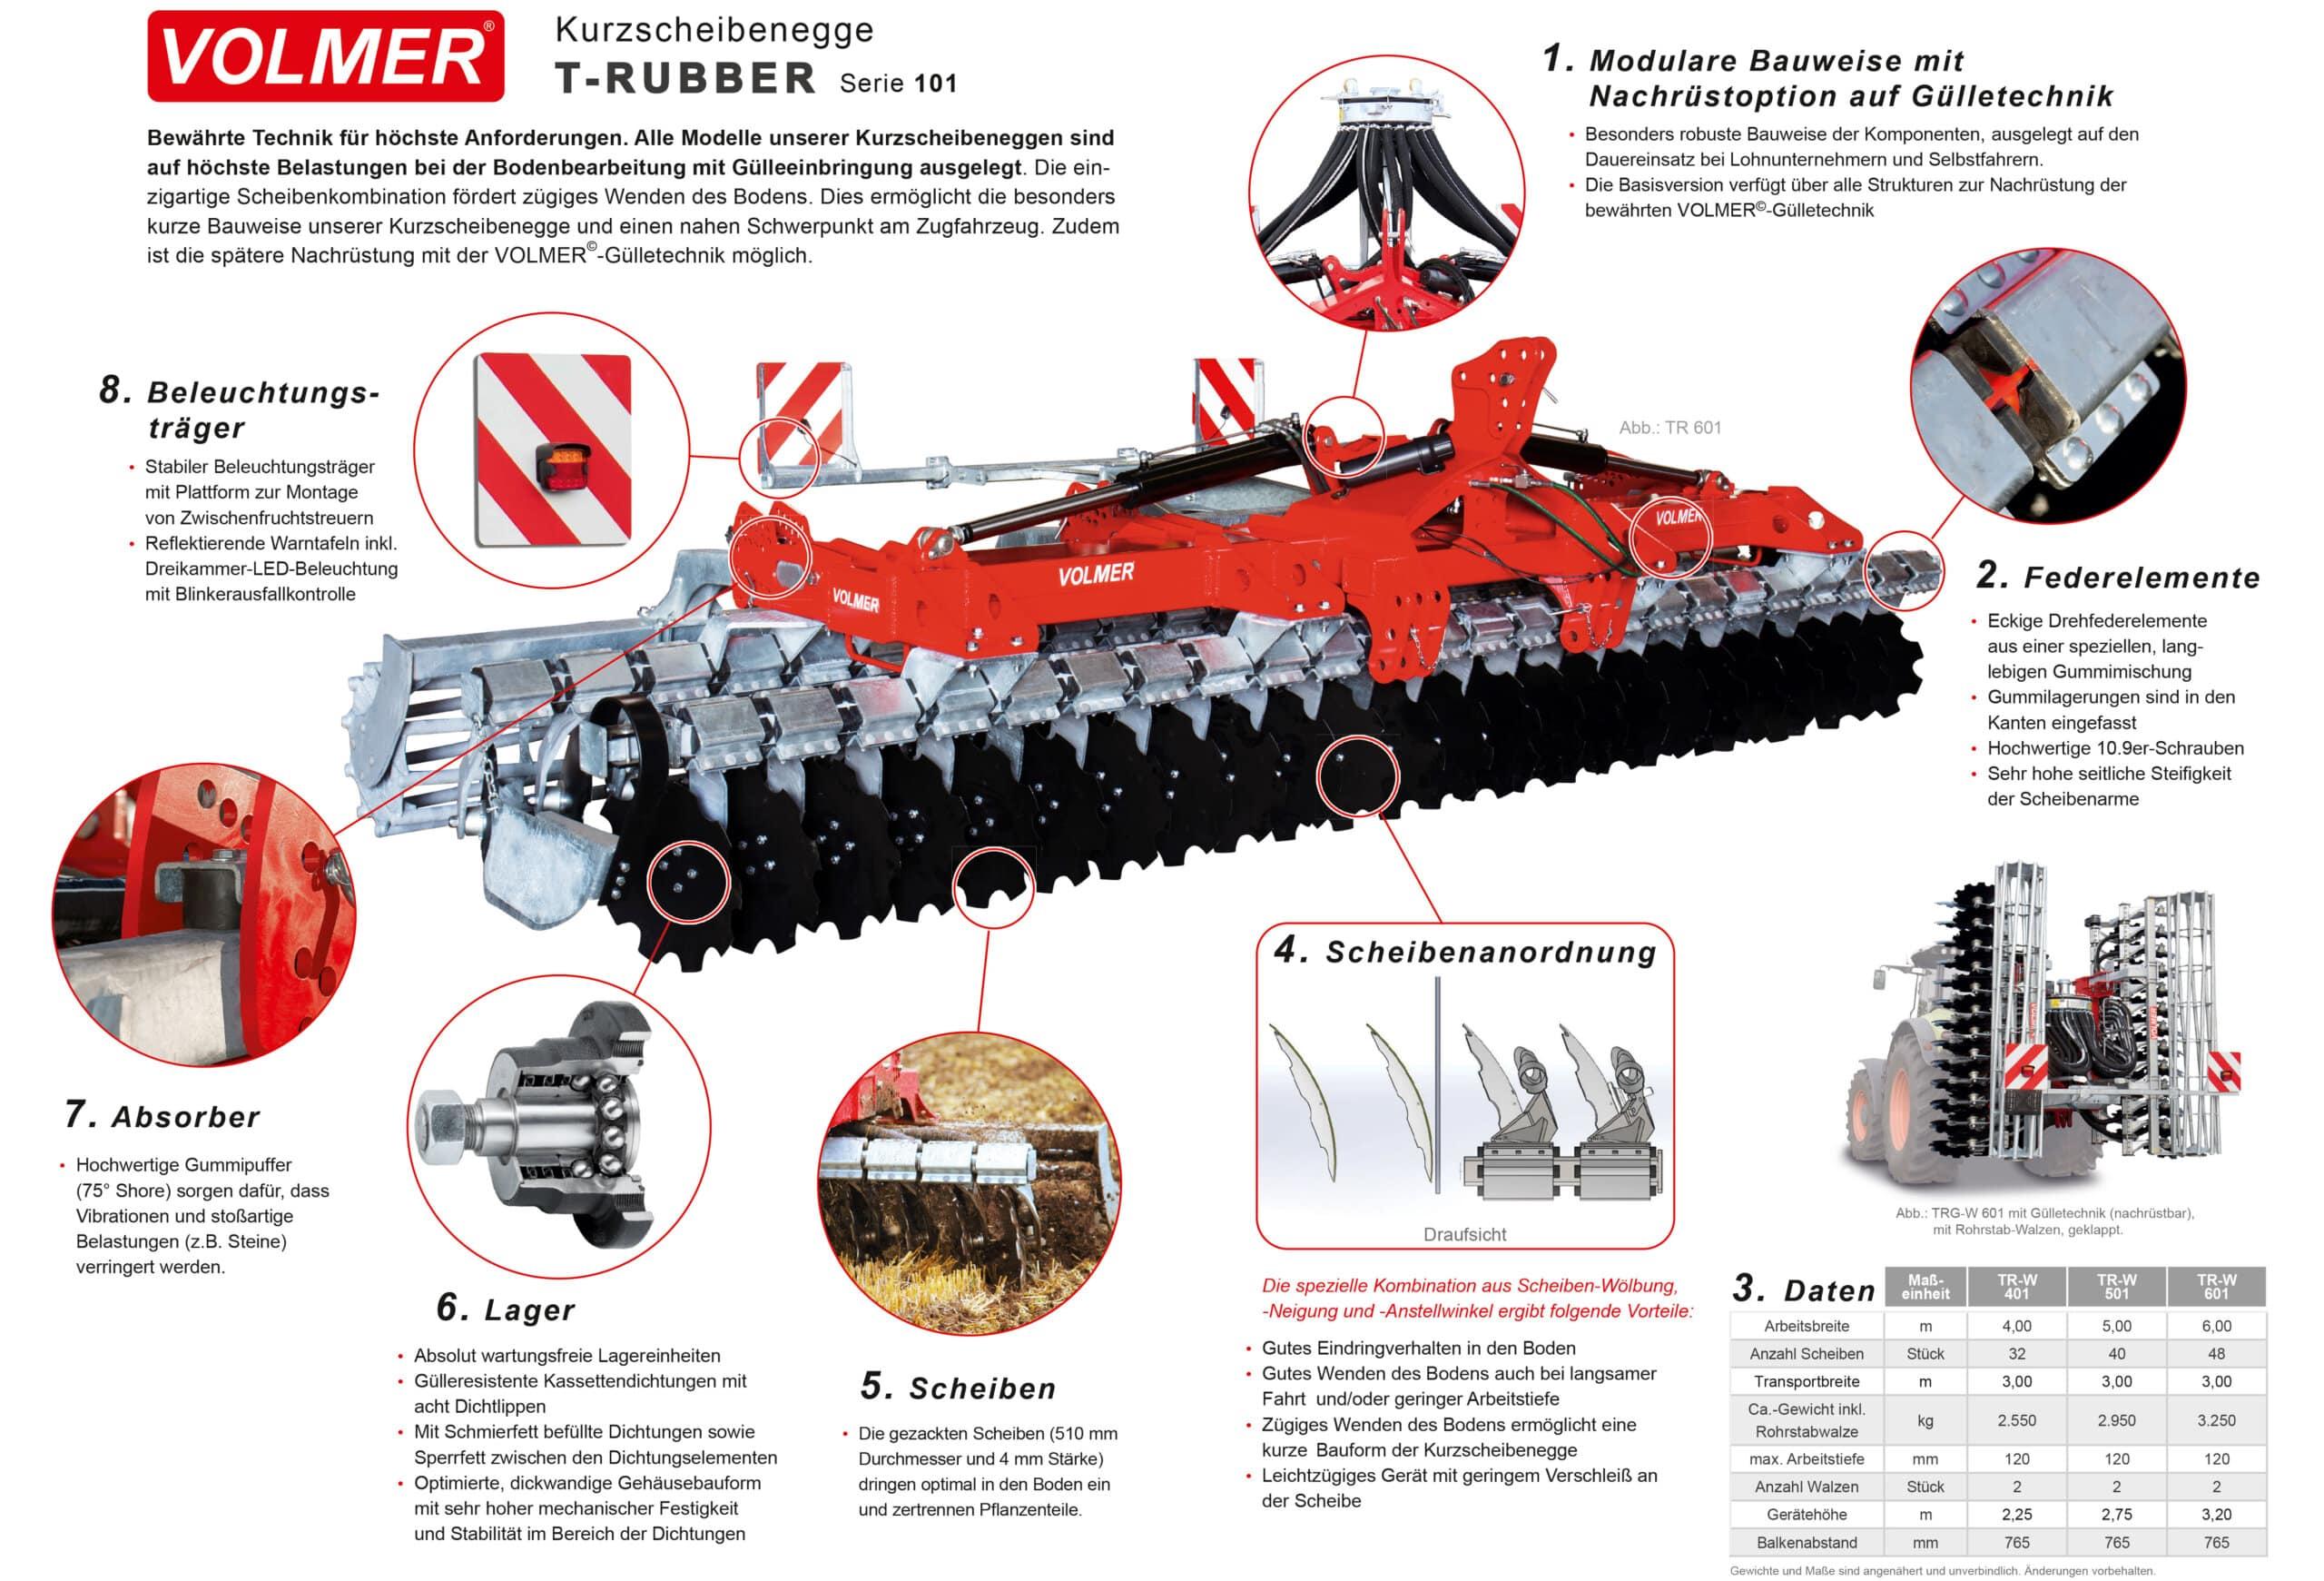 VOLMER TRUBBER Kurzscheibenegge 101 ohne Gülletechnik